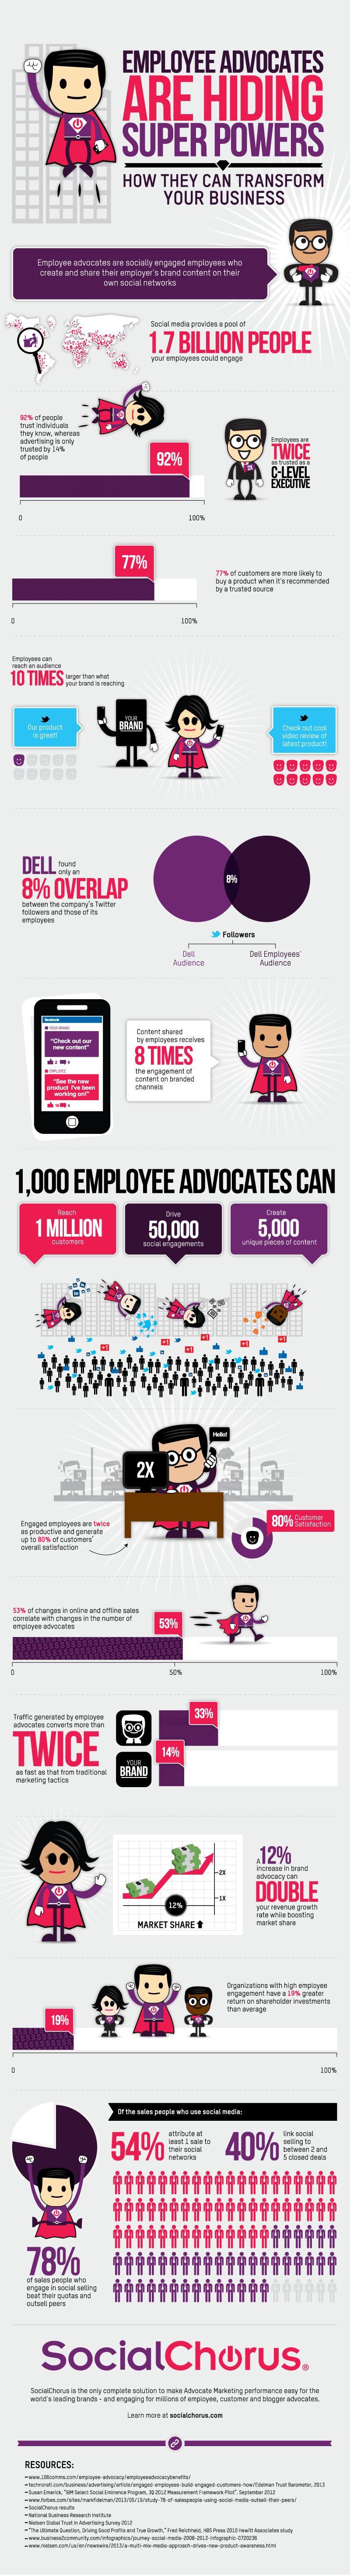 employee-advocates